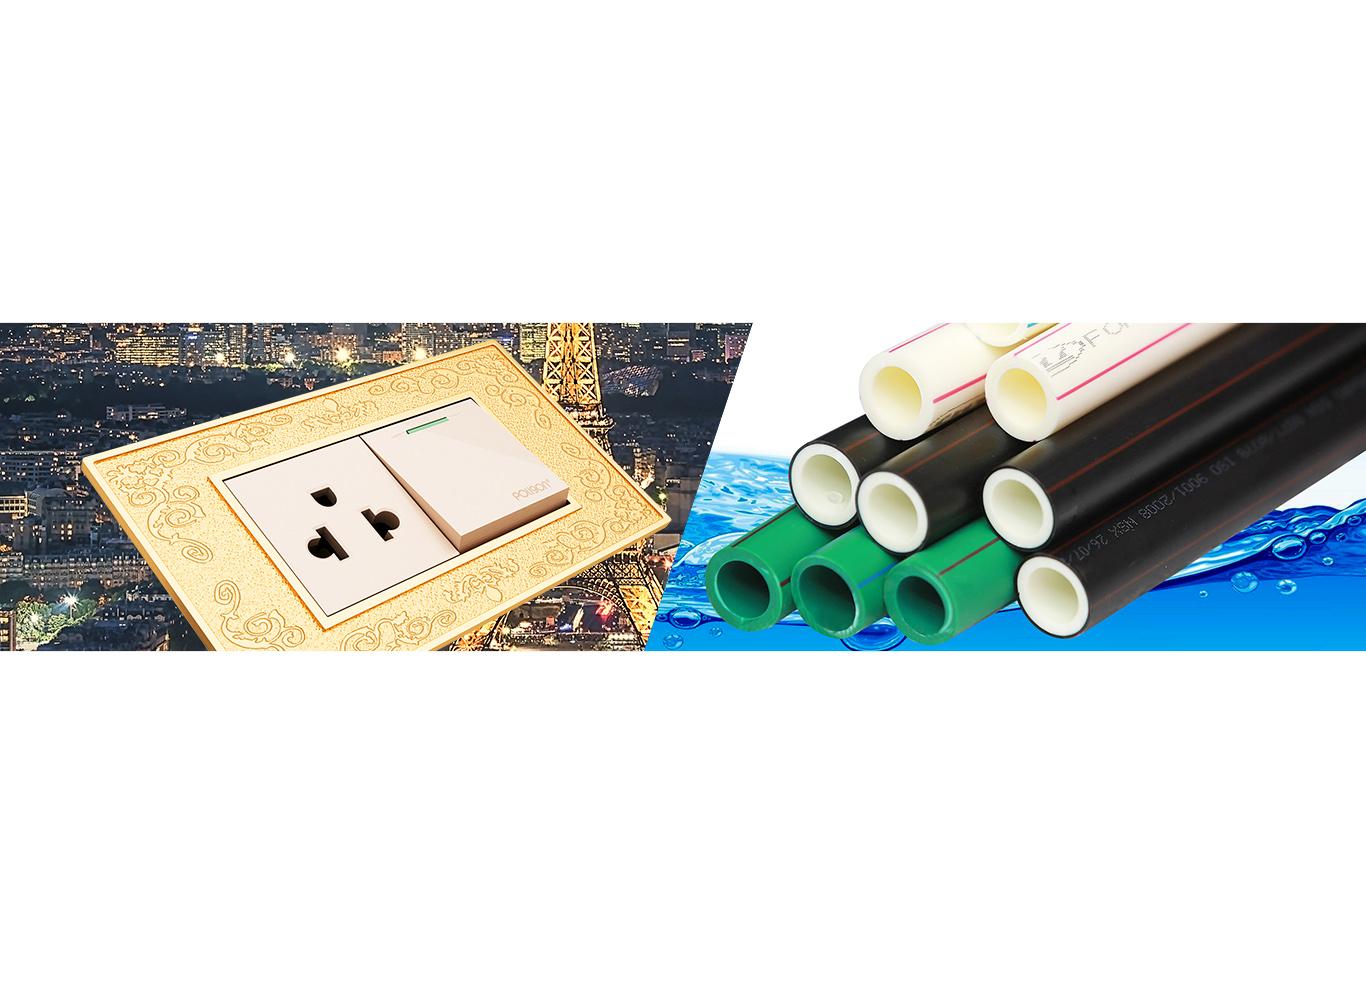 Poligon – Ống nước – Thiết bị điện Cao cấp số 1 Việt Nam